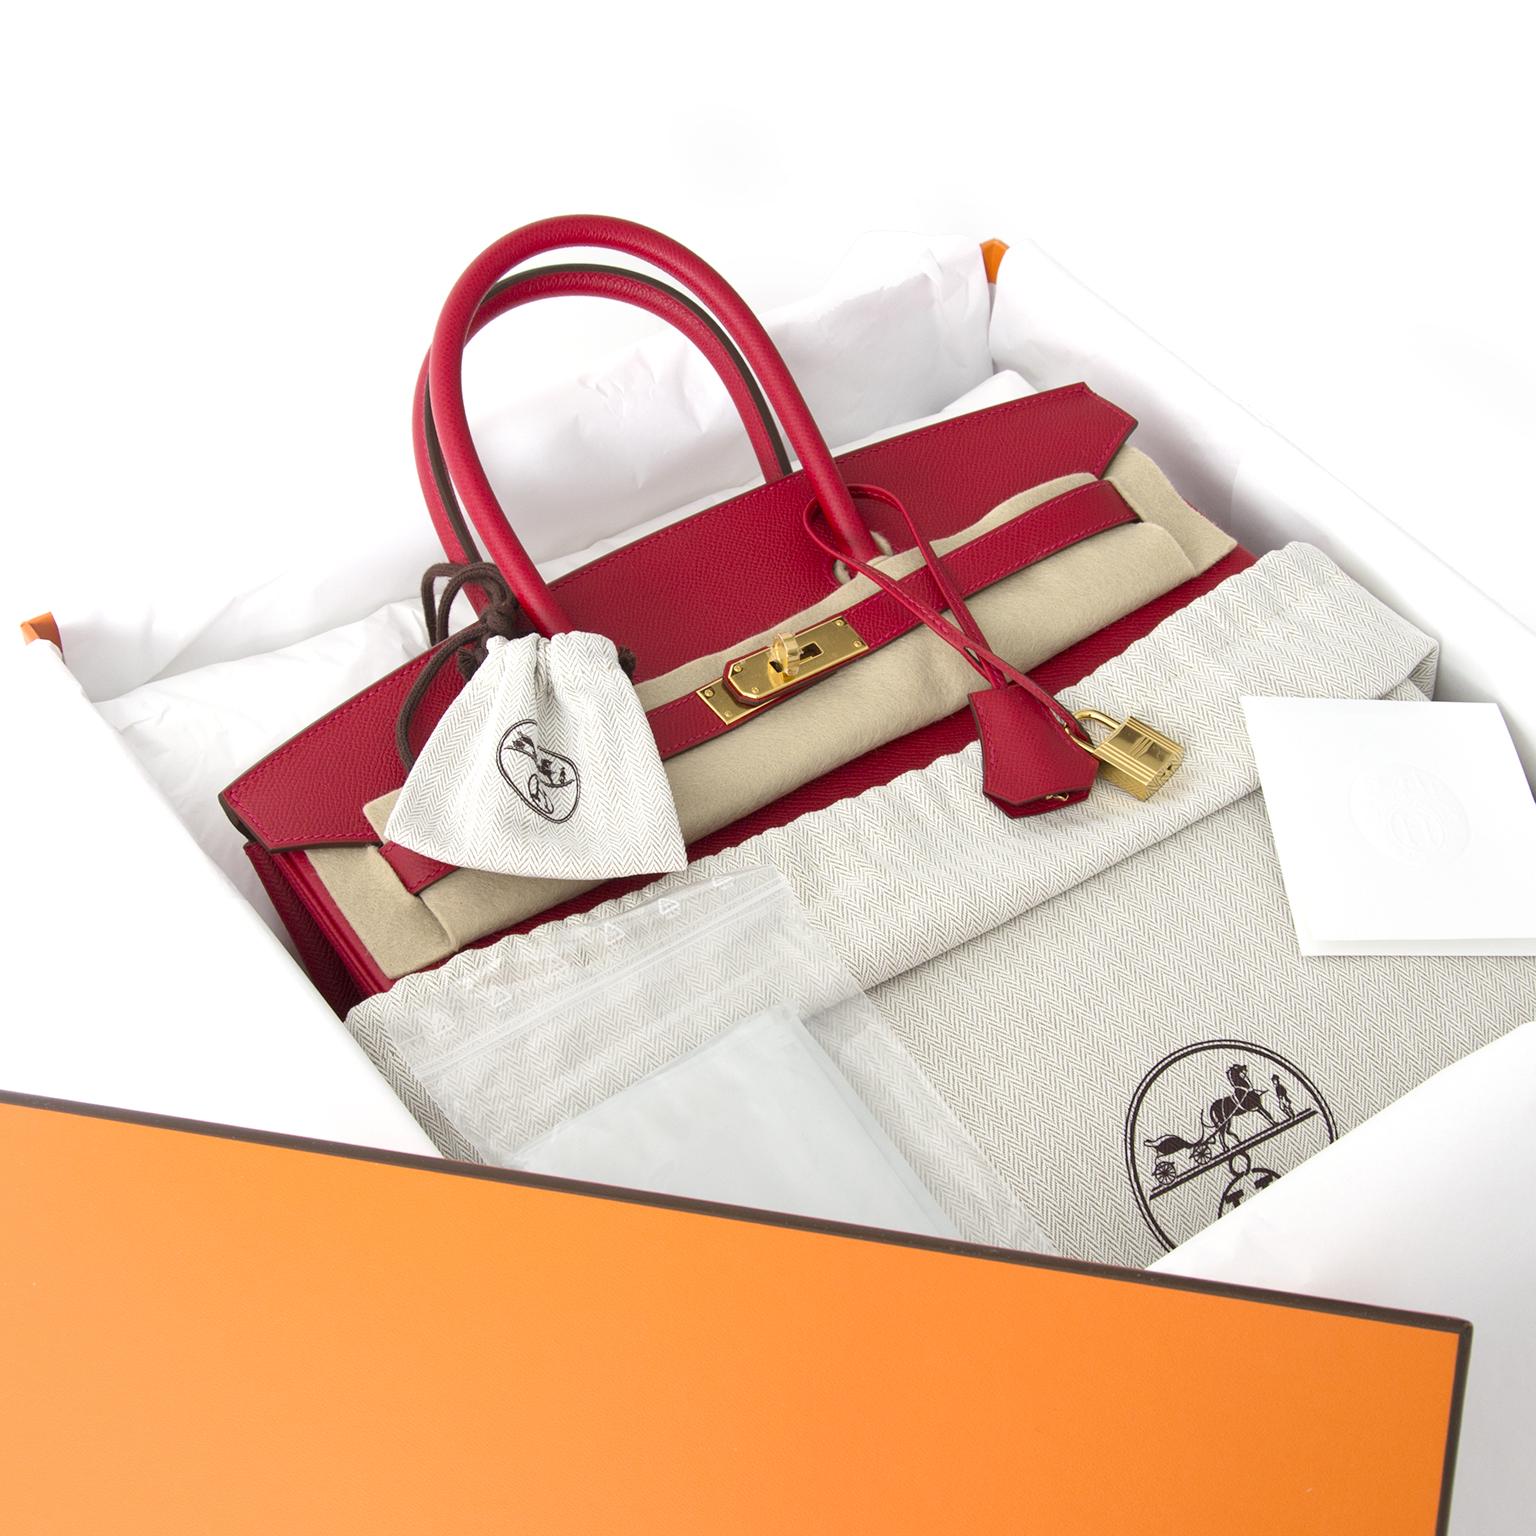 ... acheter en ligne pour le meilleur prix sac a main Brand New Hermès  Birkin Rouge Casaque dd2f070340f